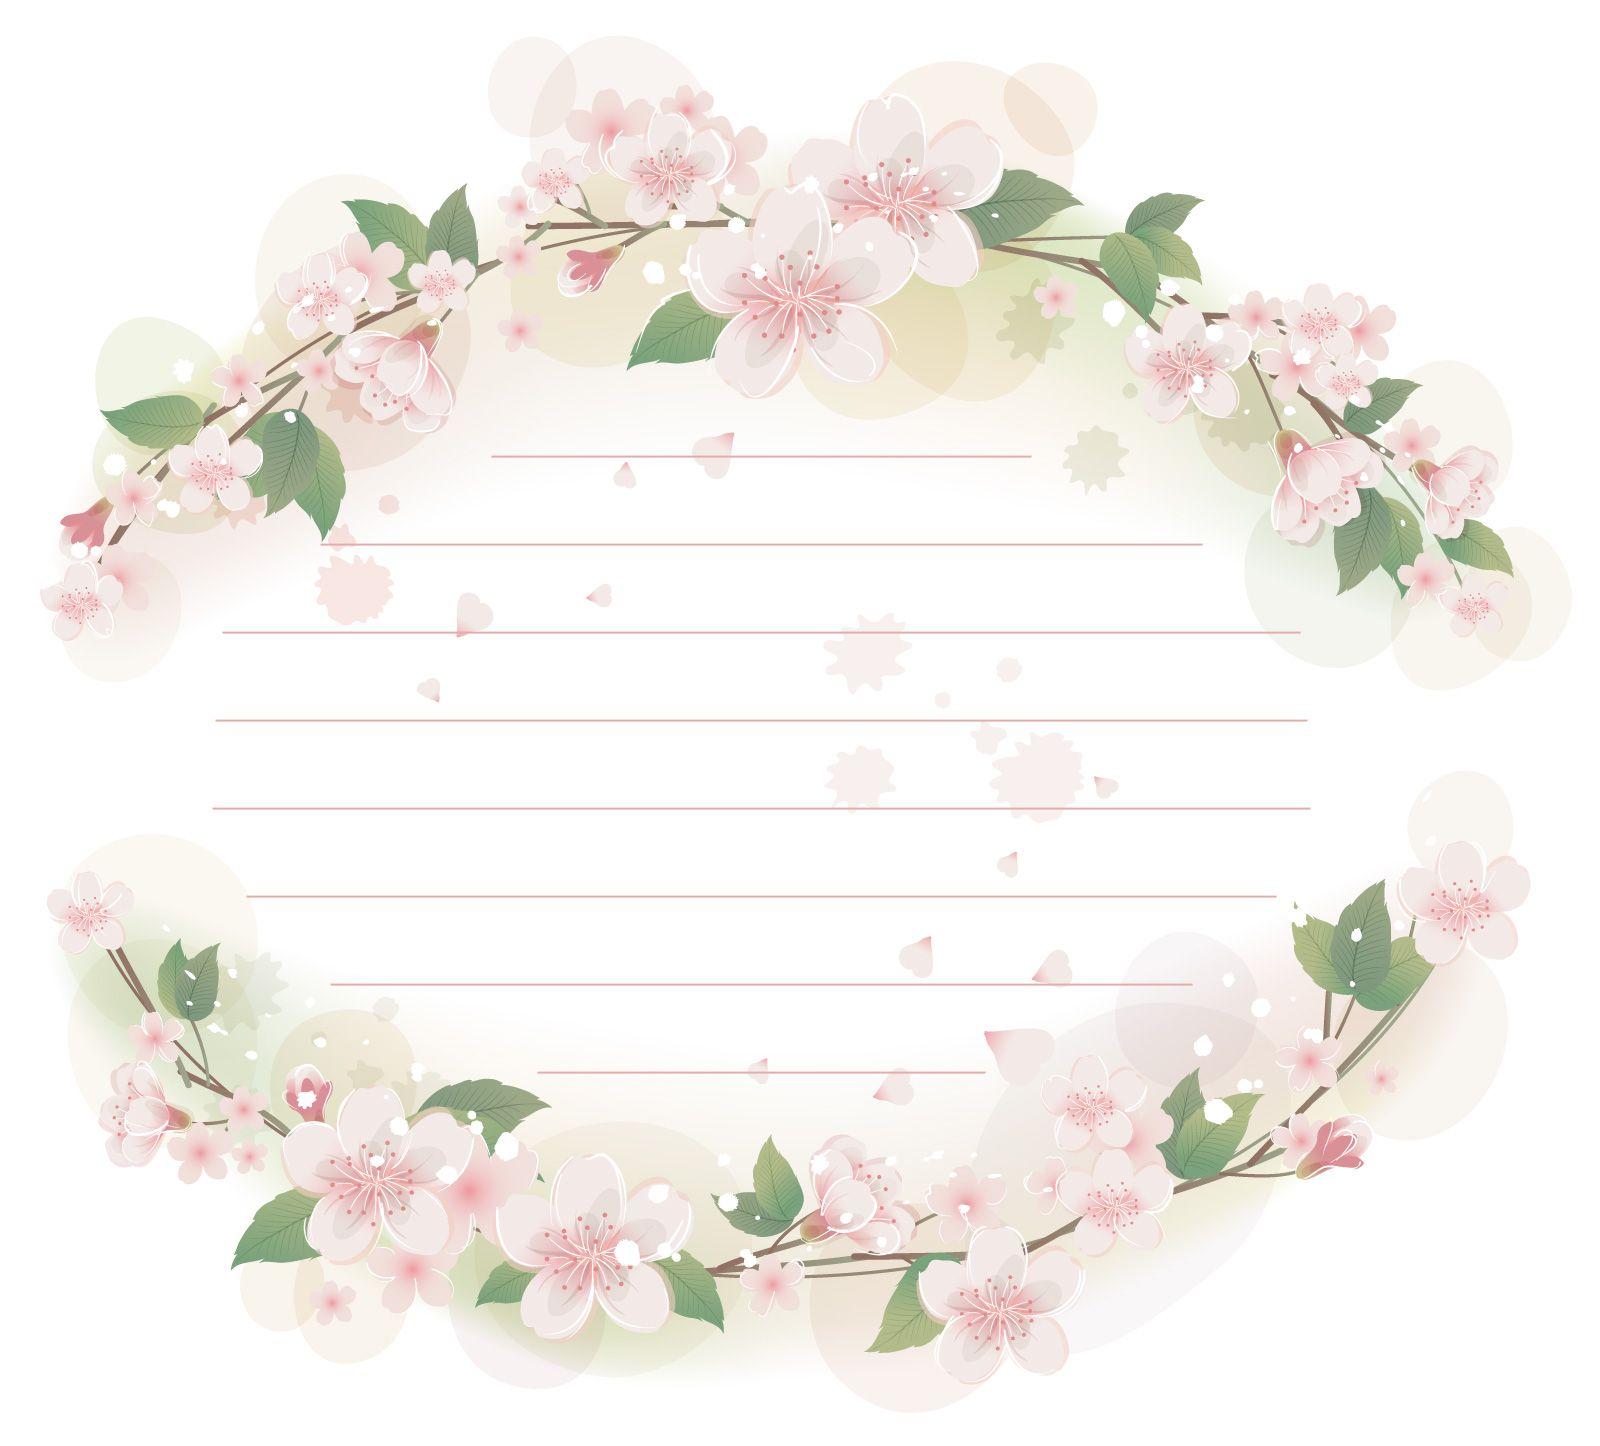 Tarjetas Para Bodas Plantillas Imprimir Invitaciones